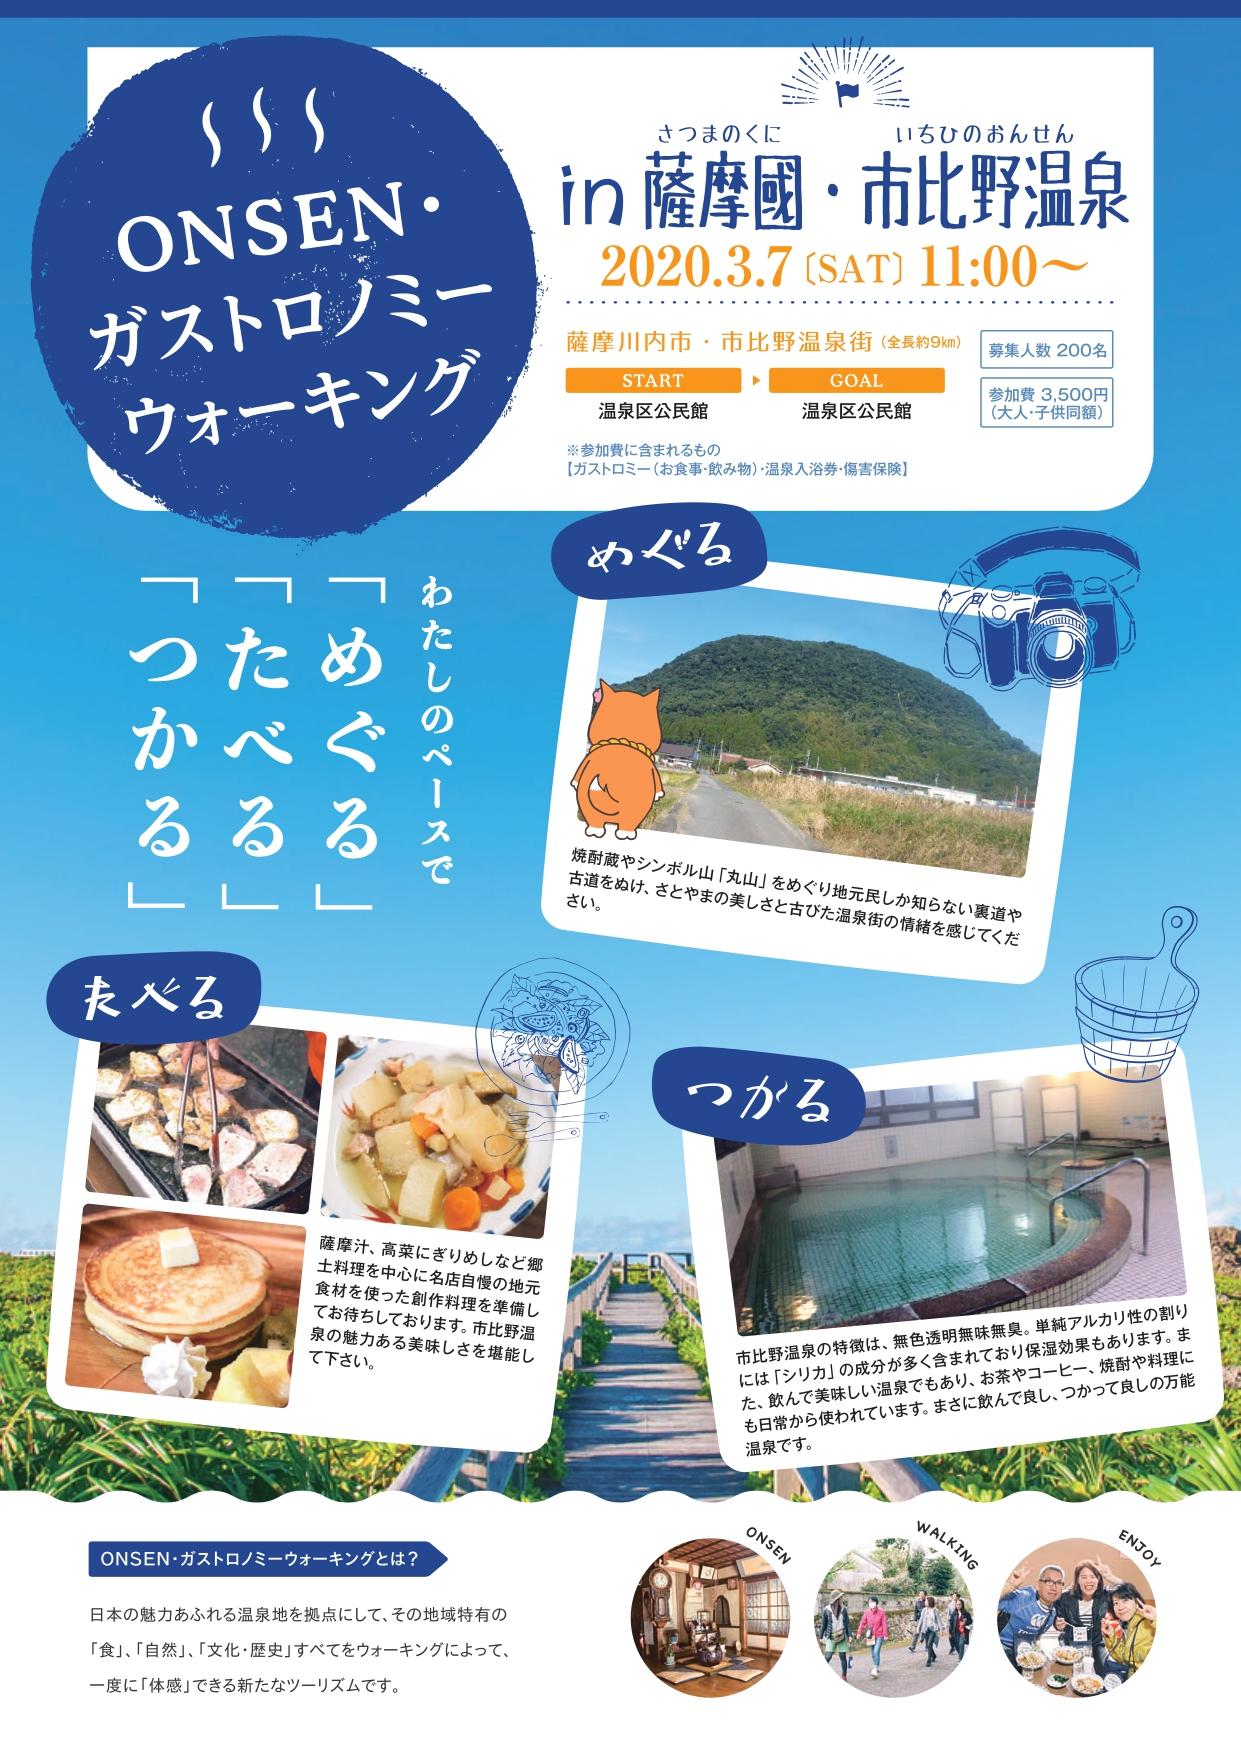 【開催中止】第3回ONSEN・ガストロノミーウォーキング in 薩摩國・ 市比野温泉